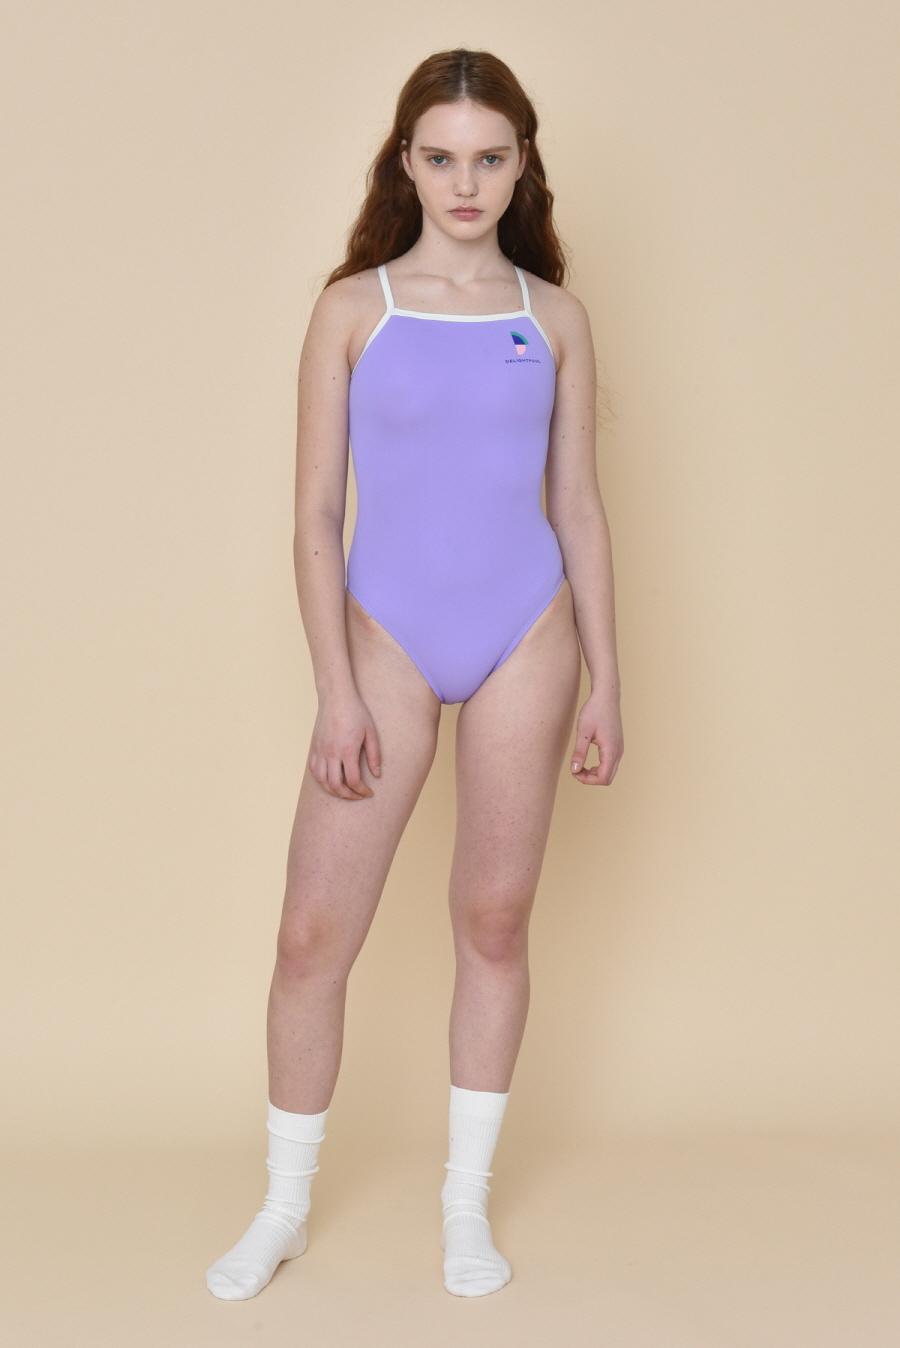 딜라잇풀(DELIGHTPOOL) Delightpool Solid - Violet